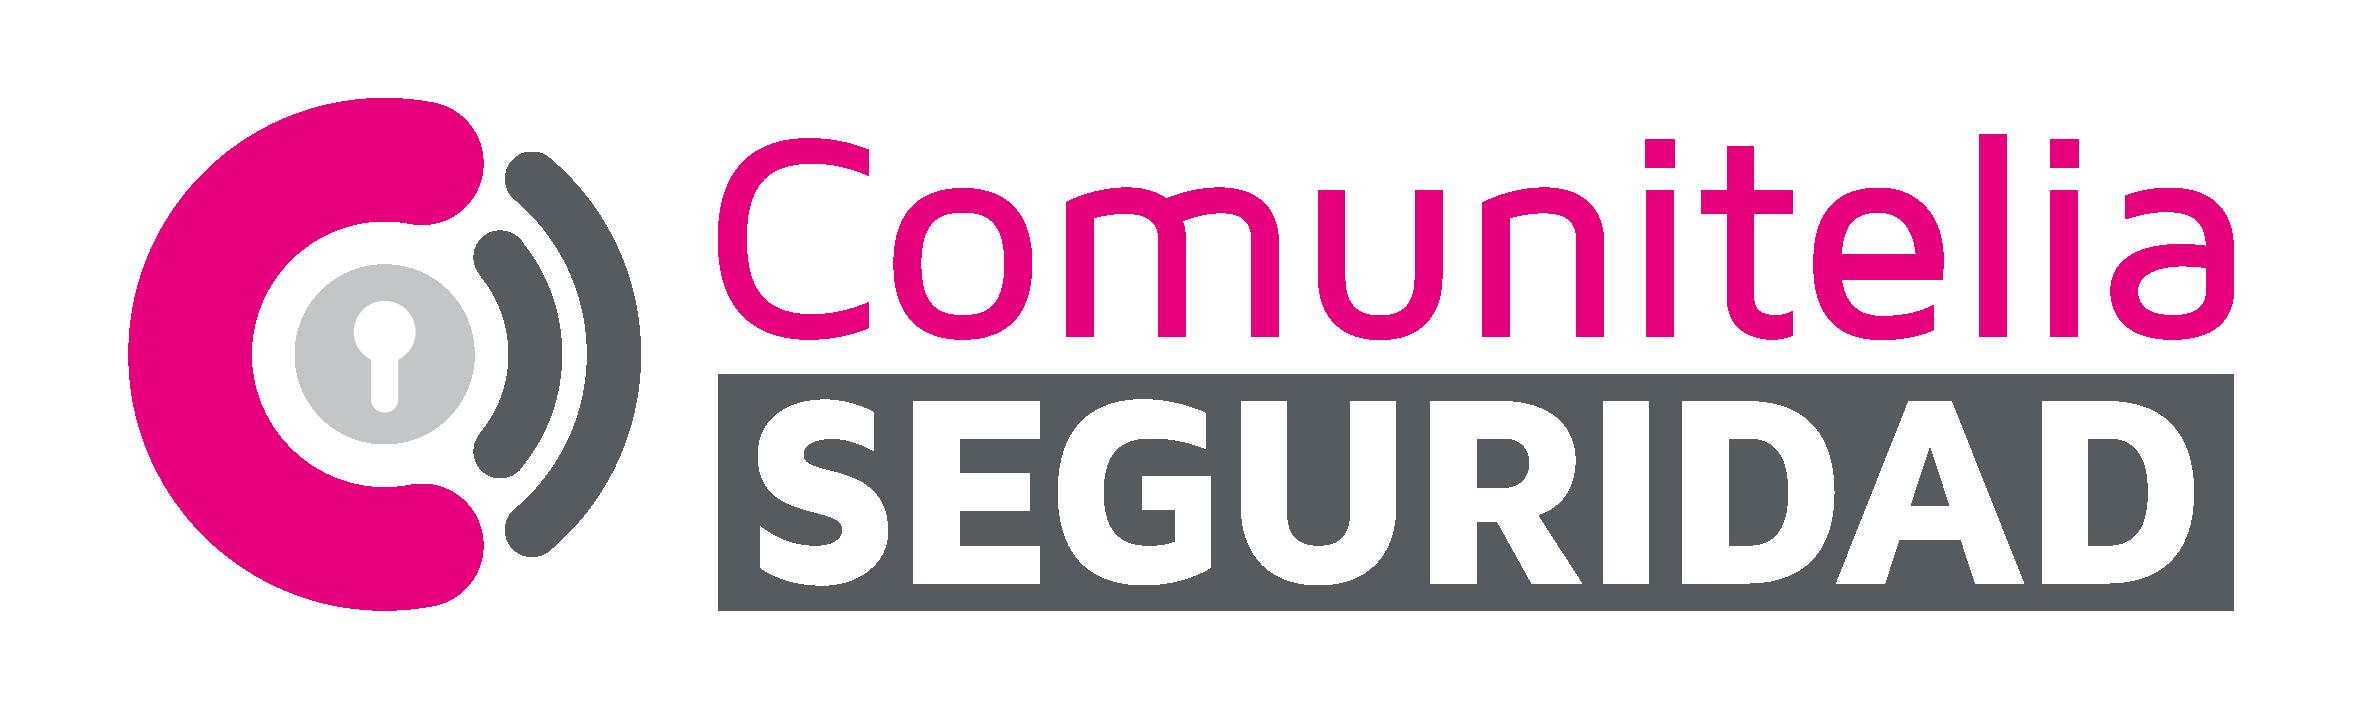 Logo Vectorizado Comunitelia Seguridad con nombre de empresa